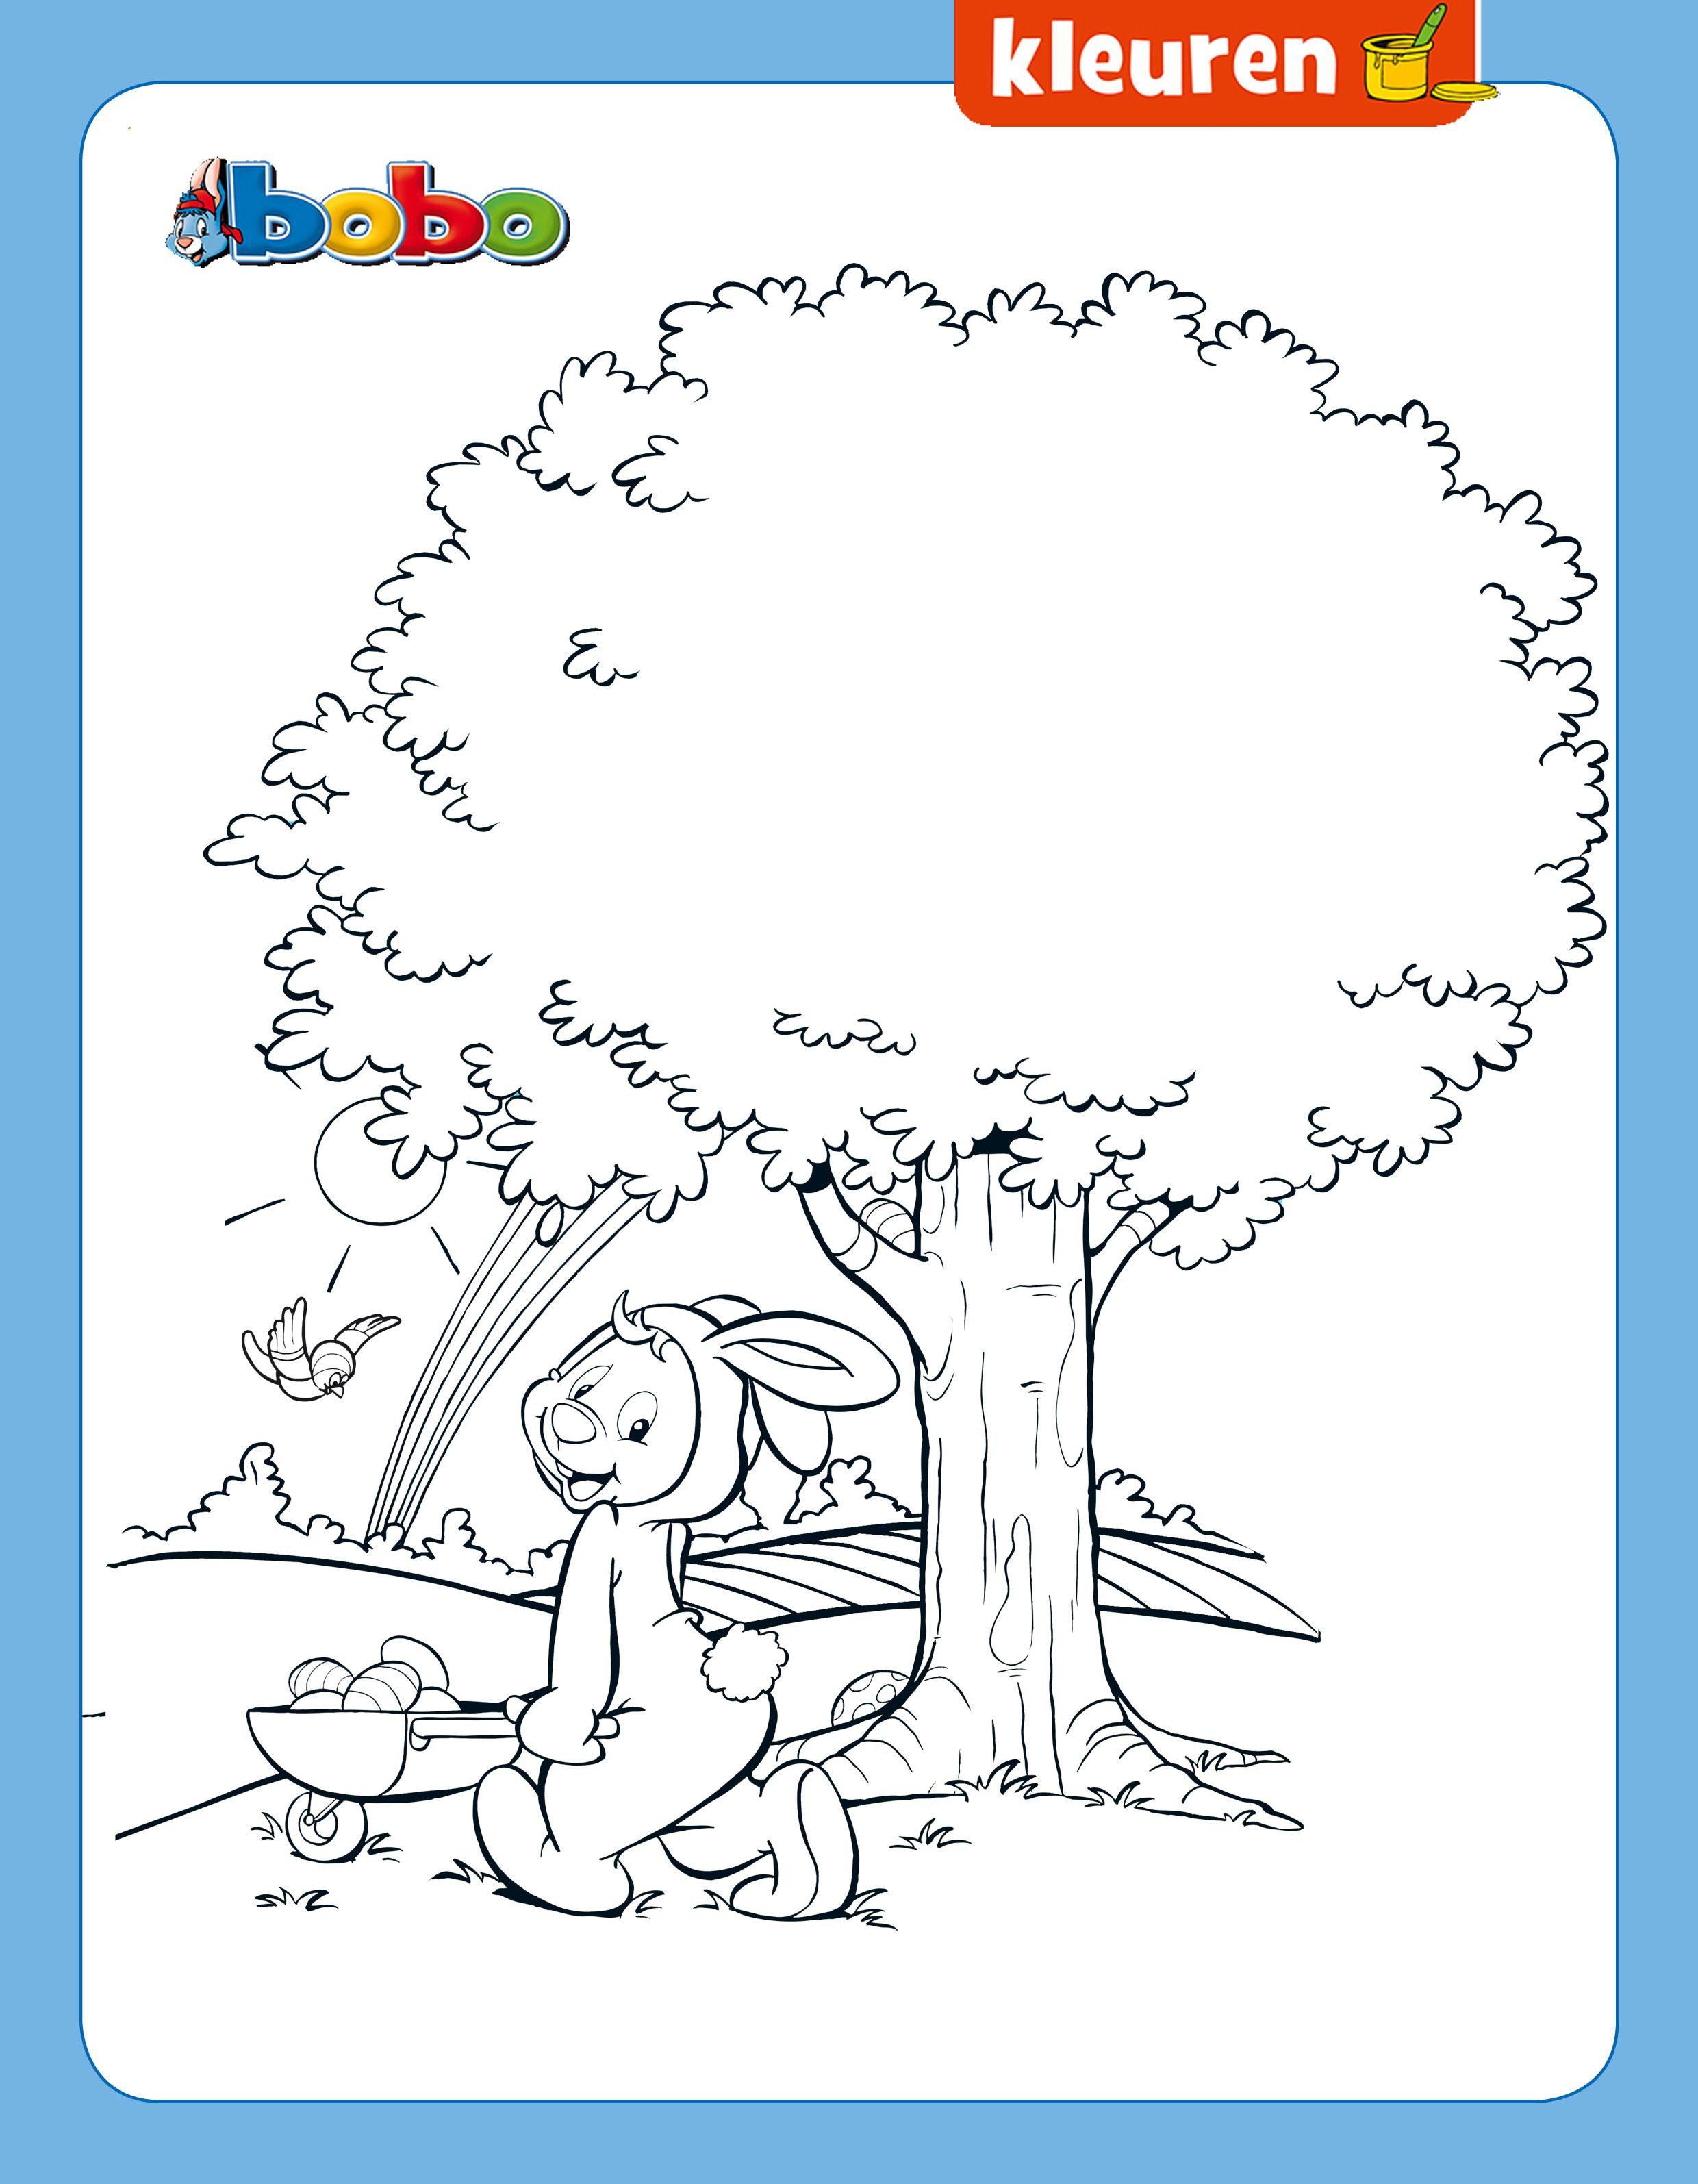 Kleurplaat Pasen Voor Kleuters Gratis Kleurplaten Kleurplaten Kleurplaten Voor Kinderen